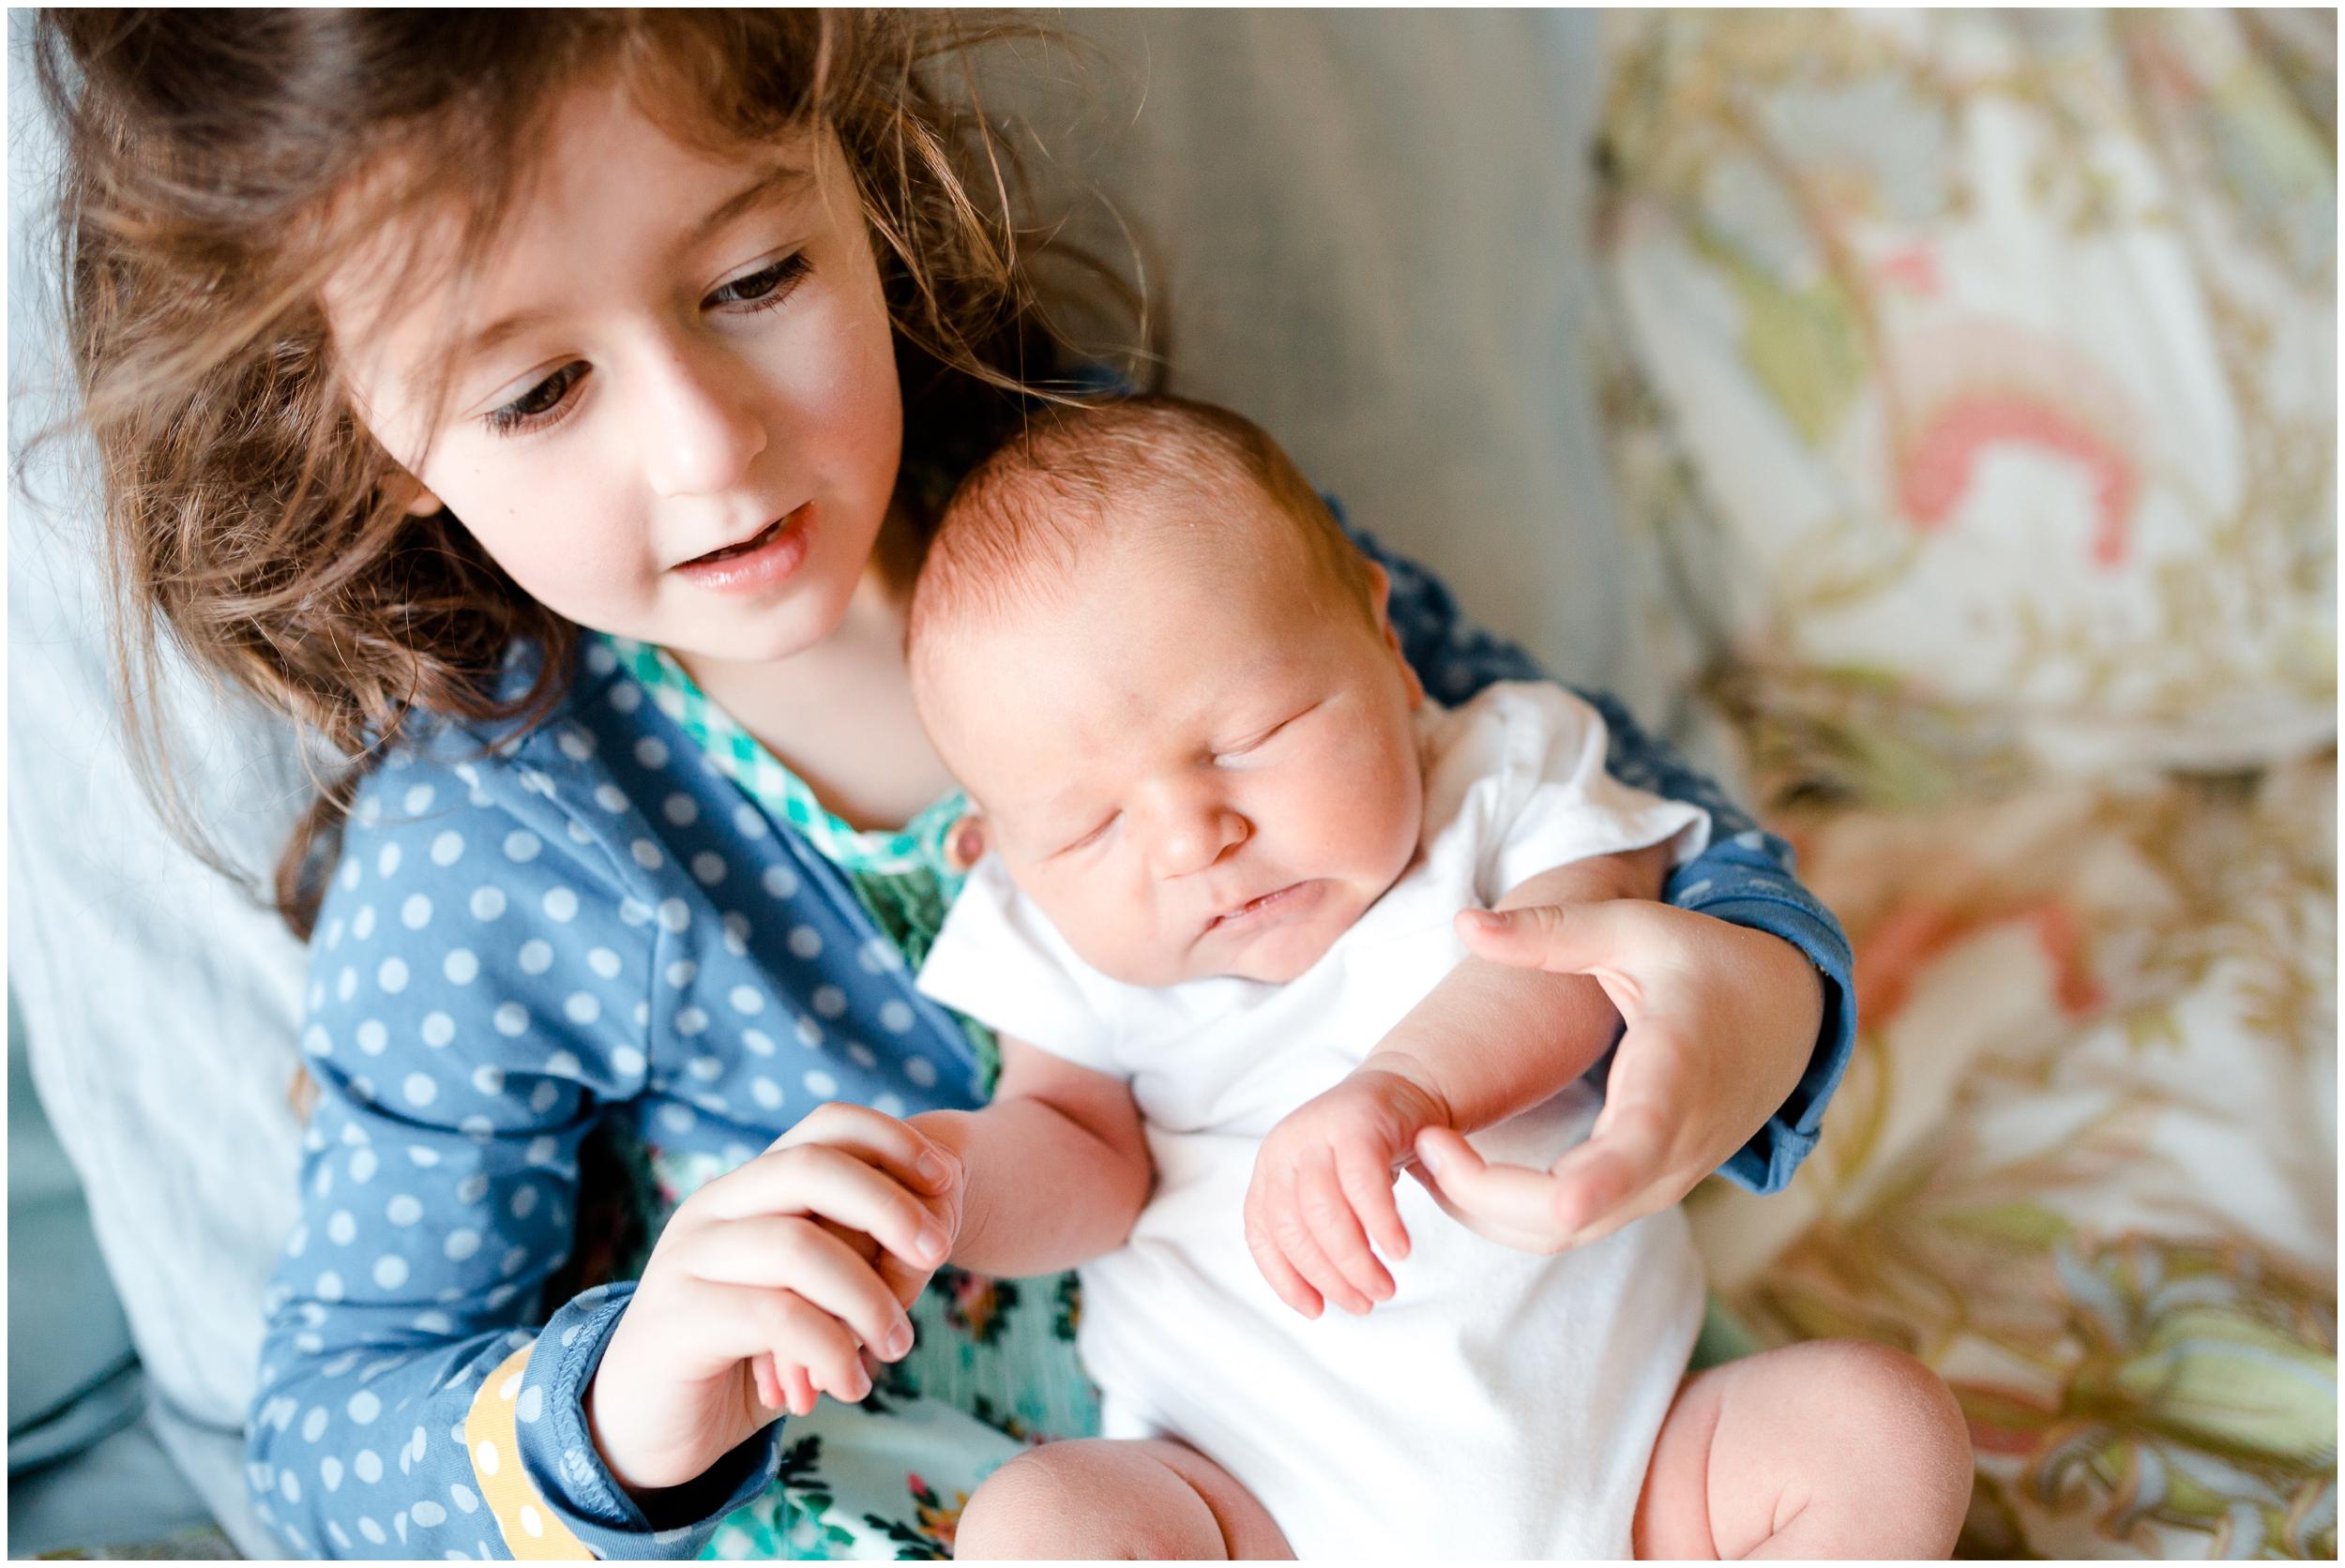 lexington-ky-family-lifestyle-photography-Priscilla-Baierlein-Photography_0232.jpg